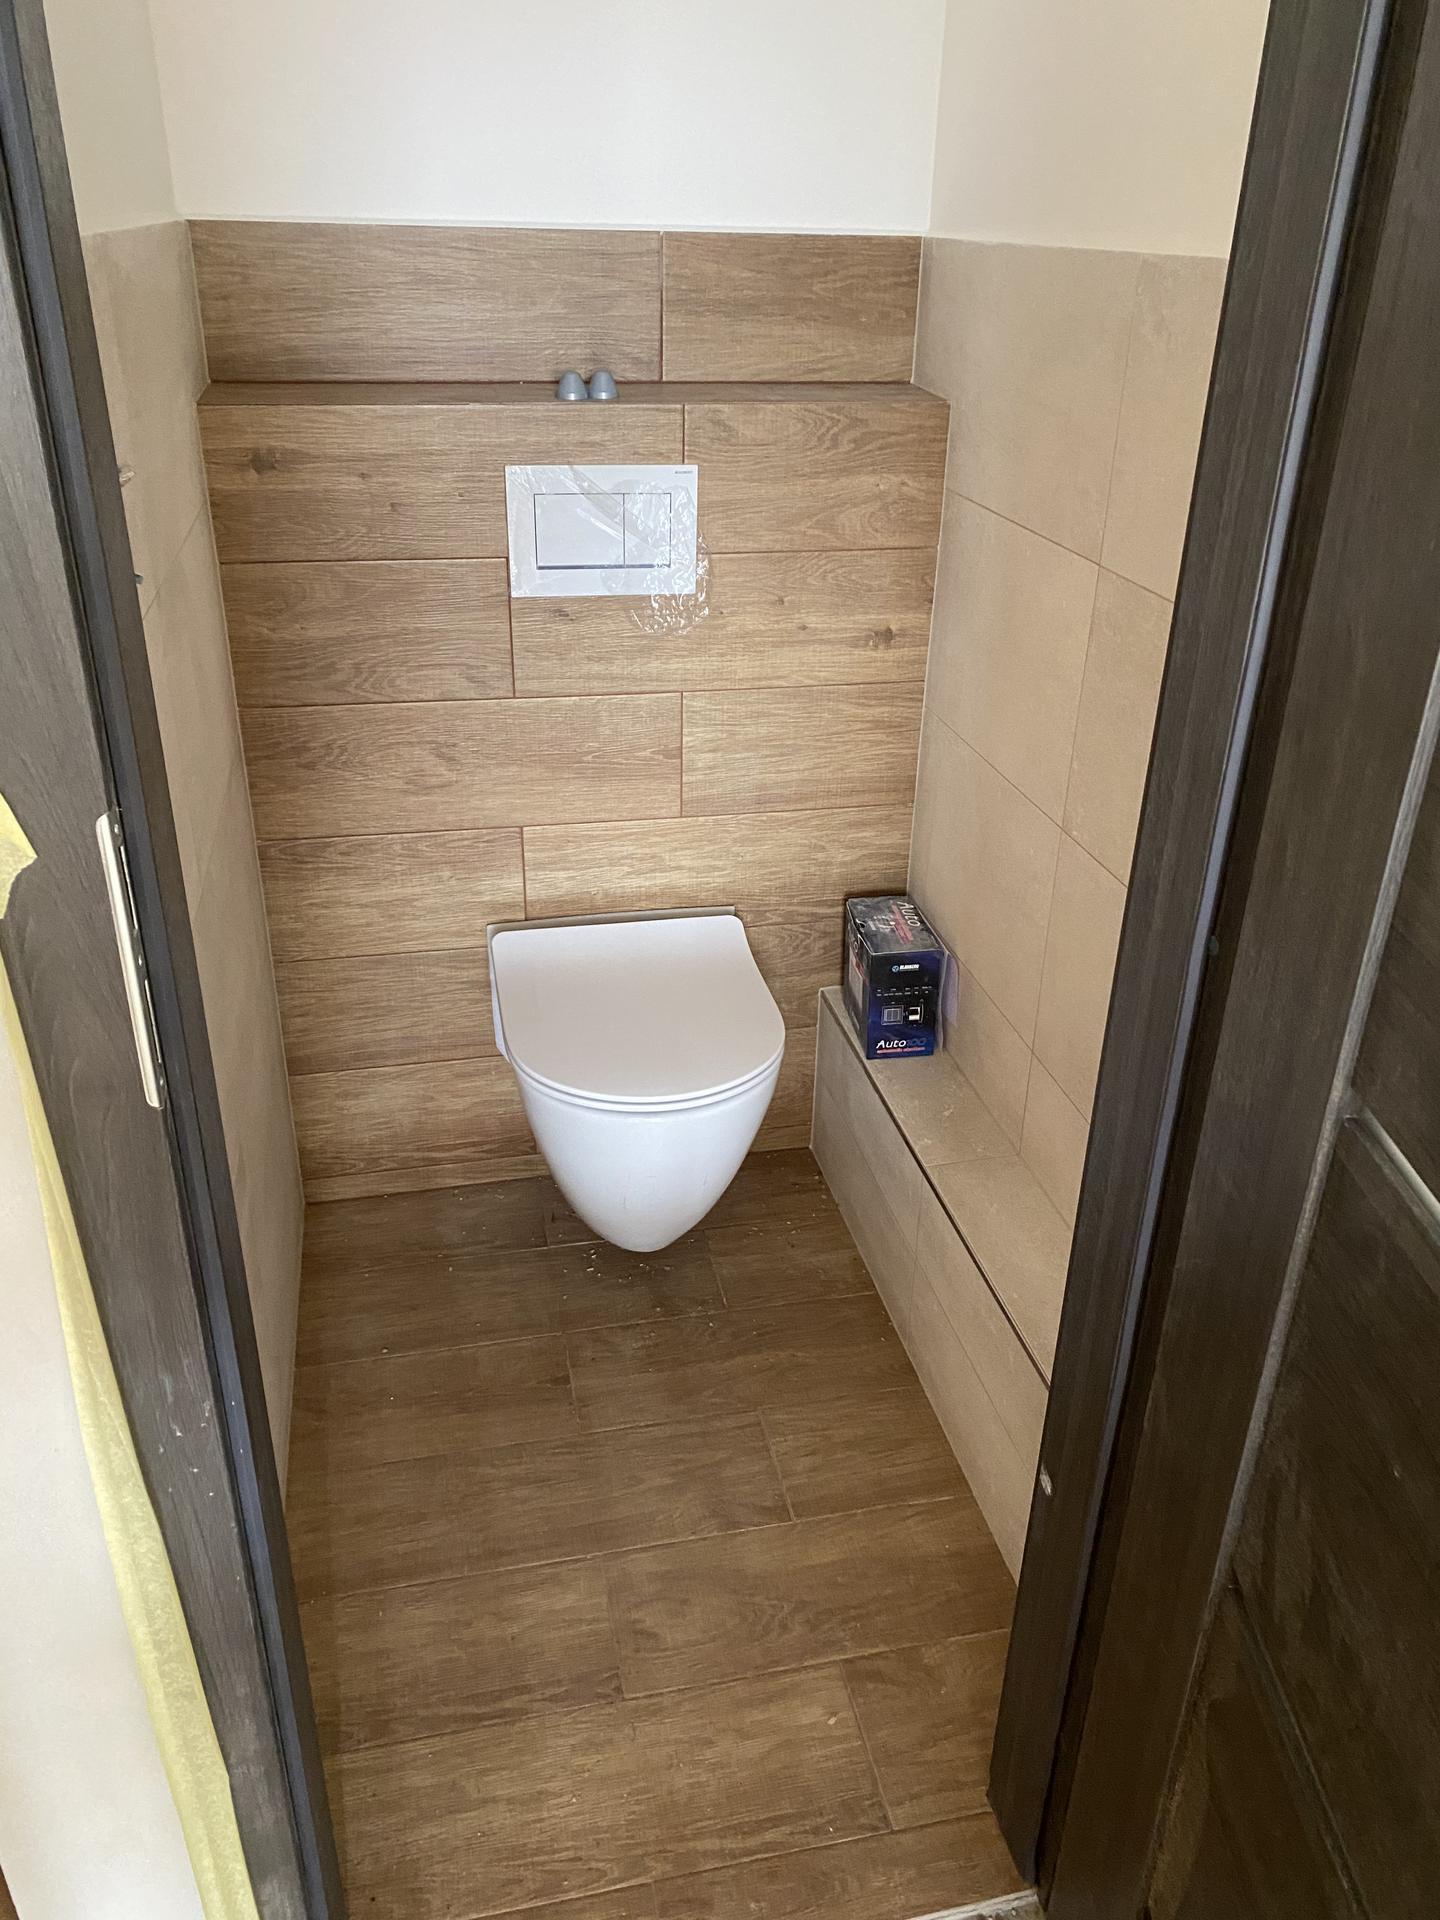 Náš sen bydlení ve vlastním 🏡🍀 - ...i na ten záchod se člověk nemůže dočkat 😁